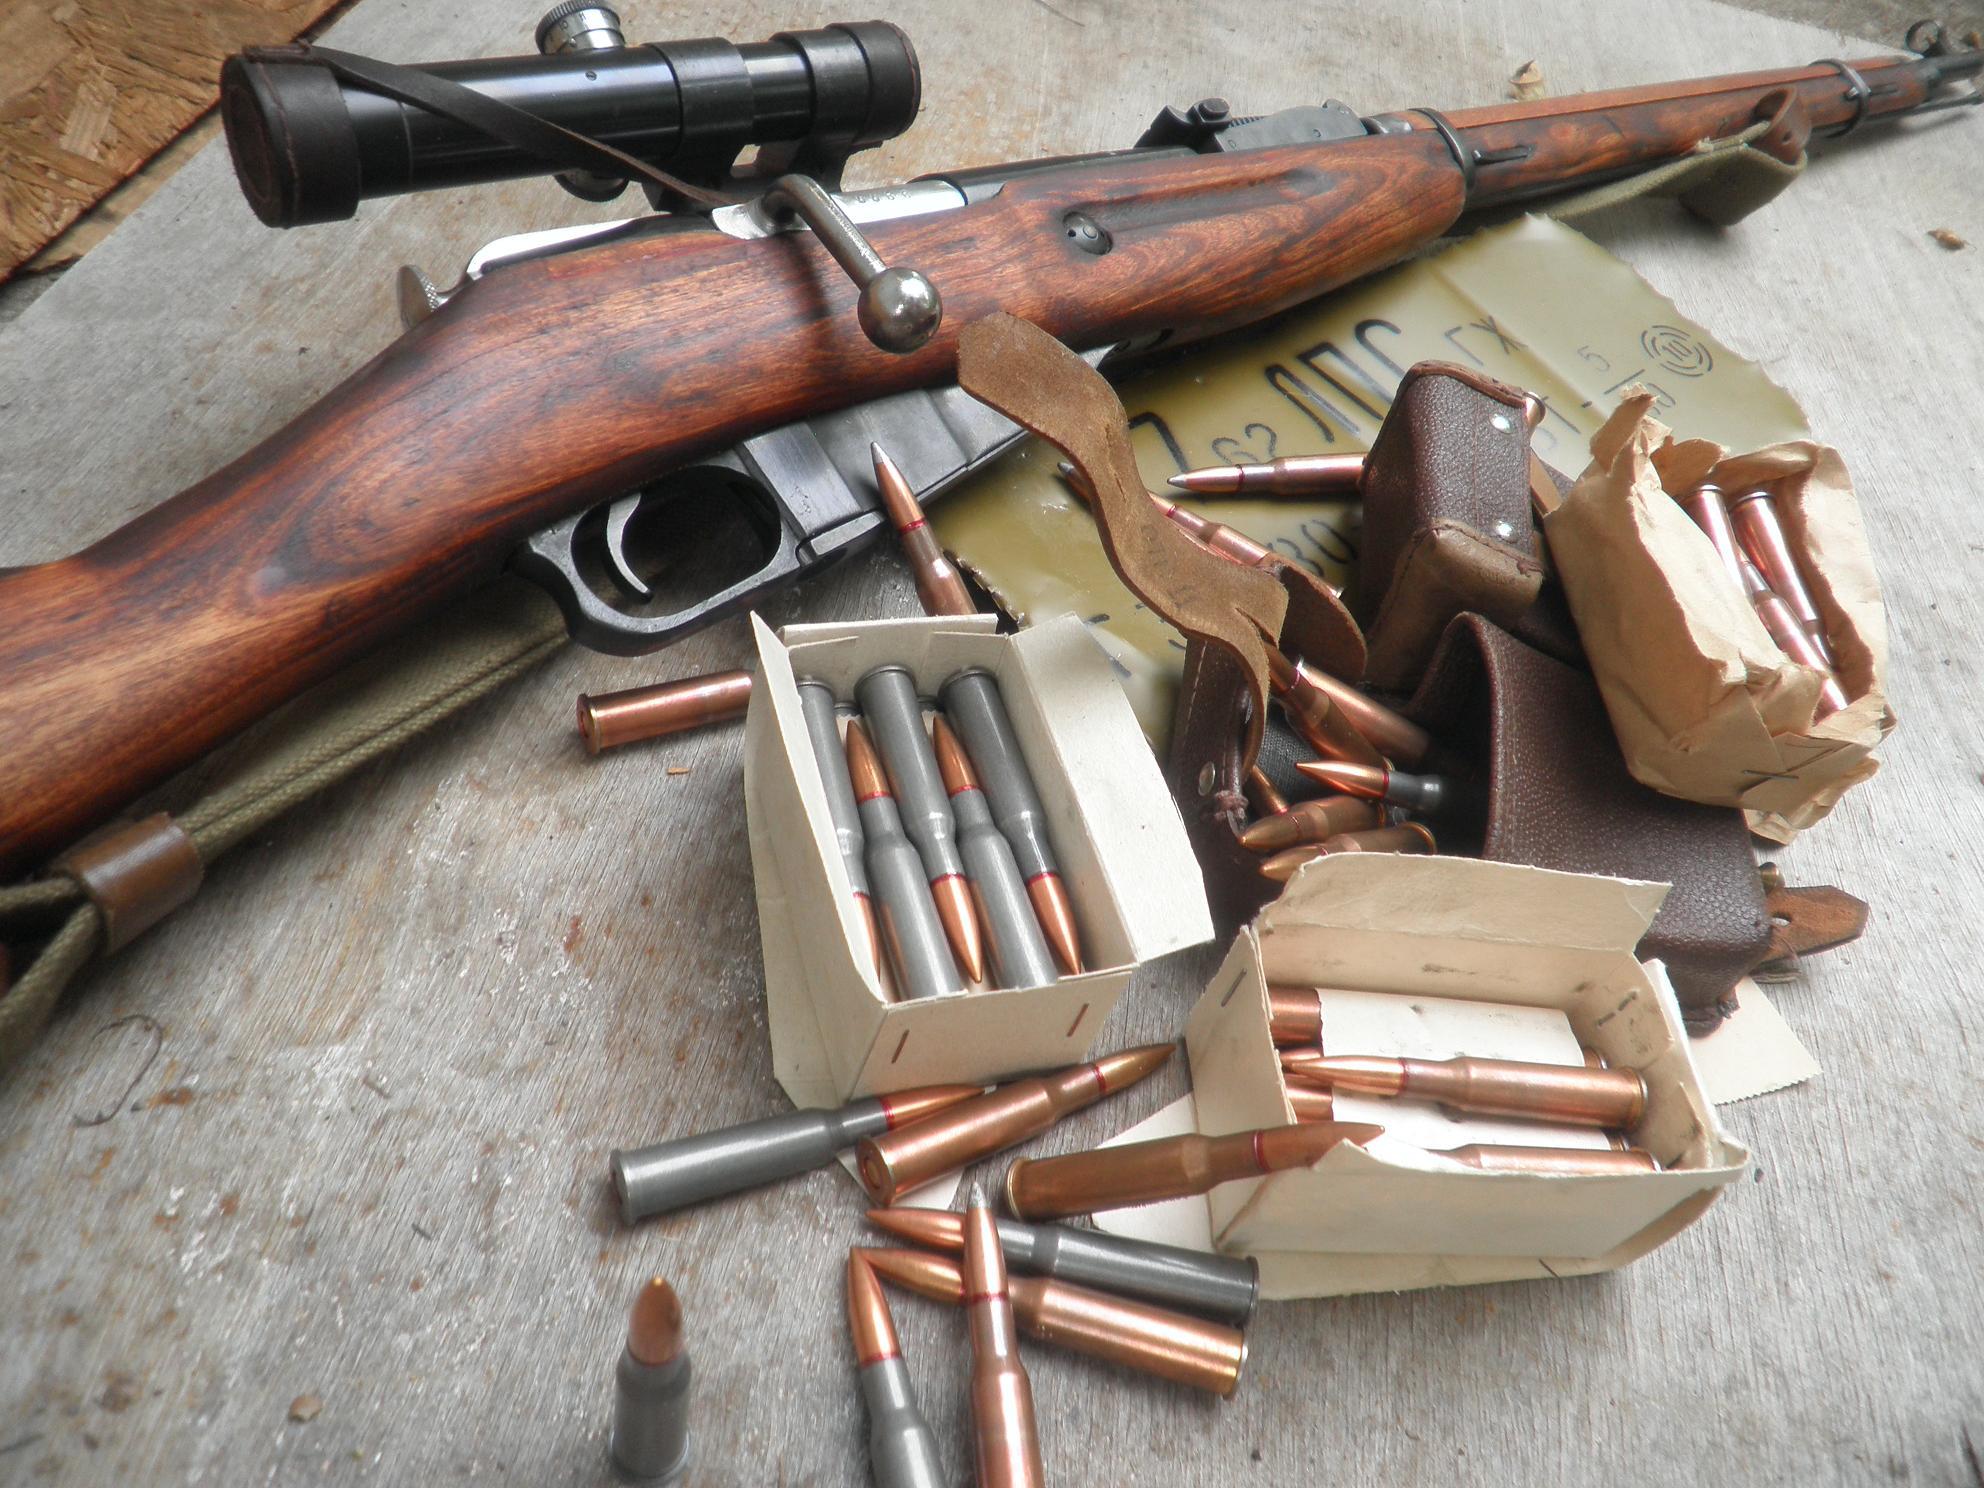 Rifles Soviet Snipers Weapons Sniper Bolt Mosin Nagant